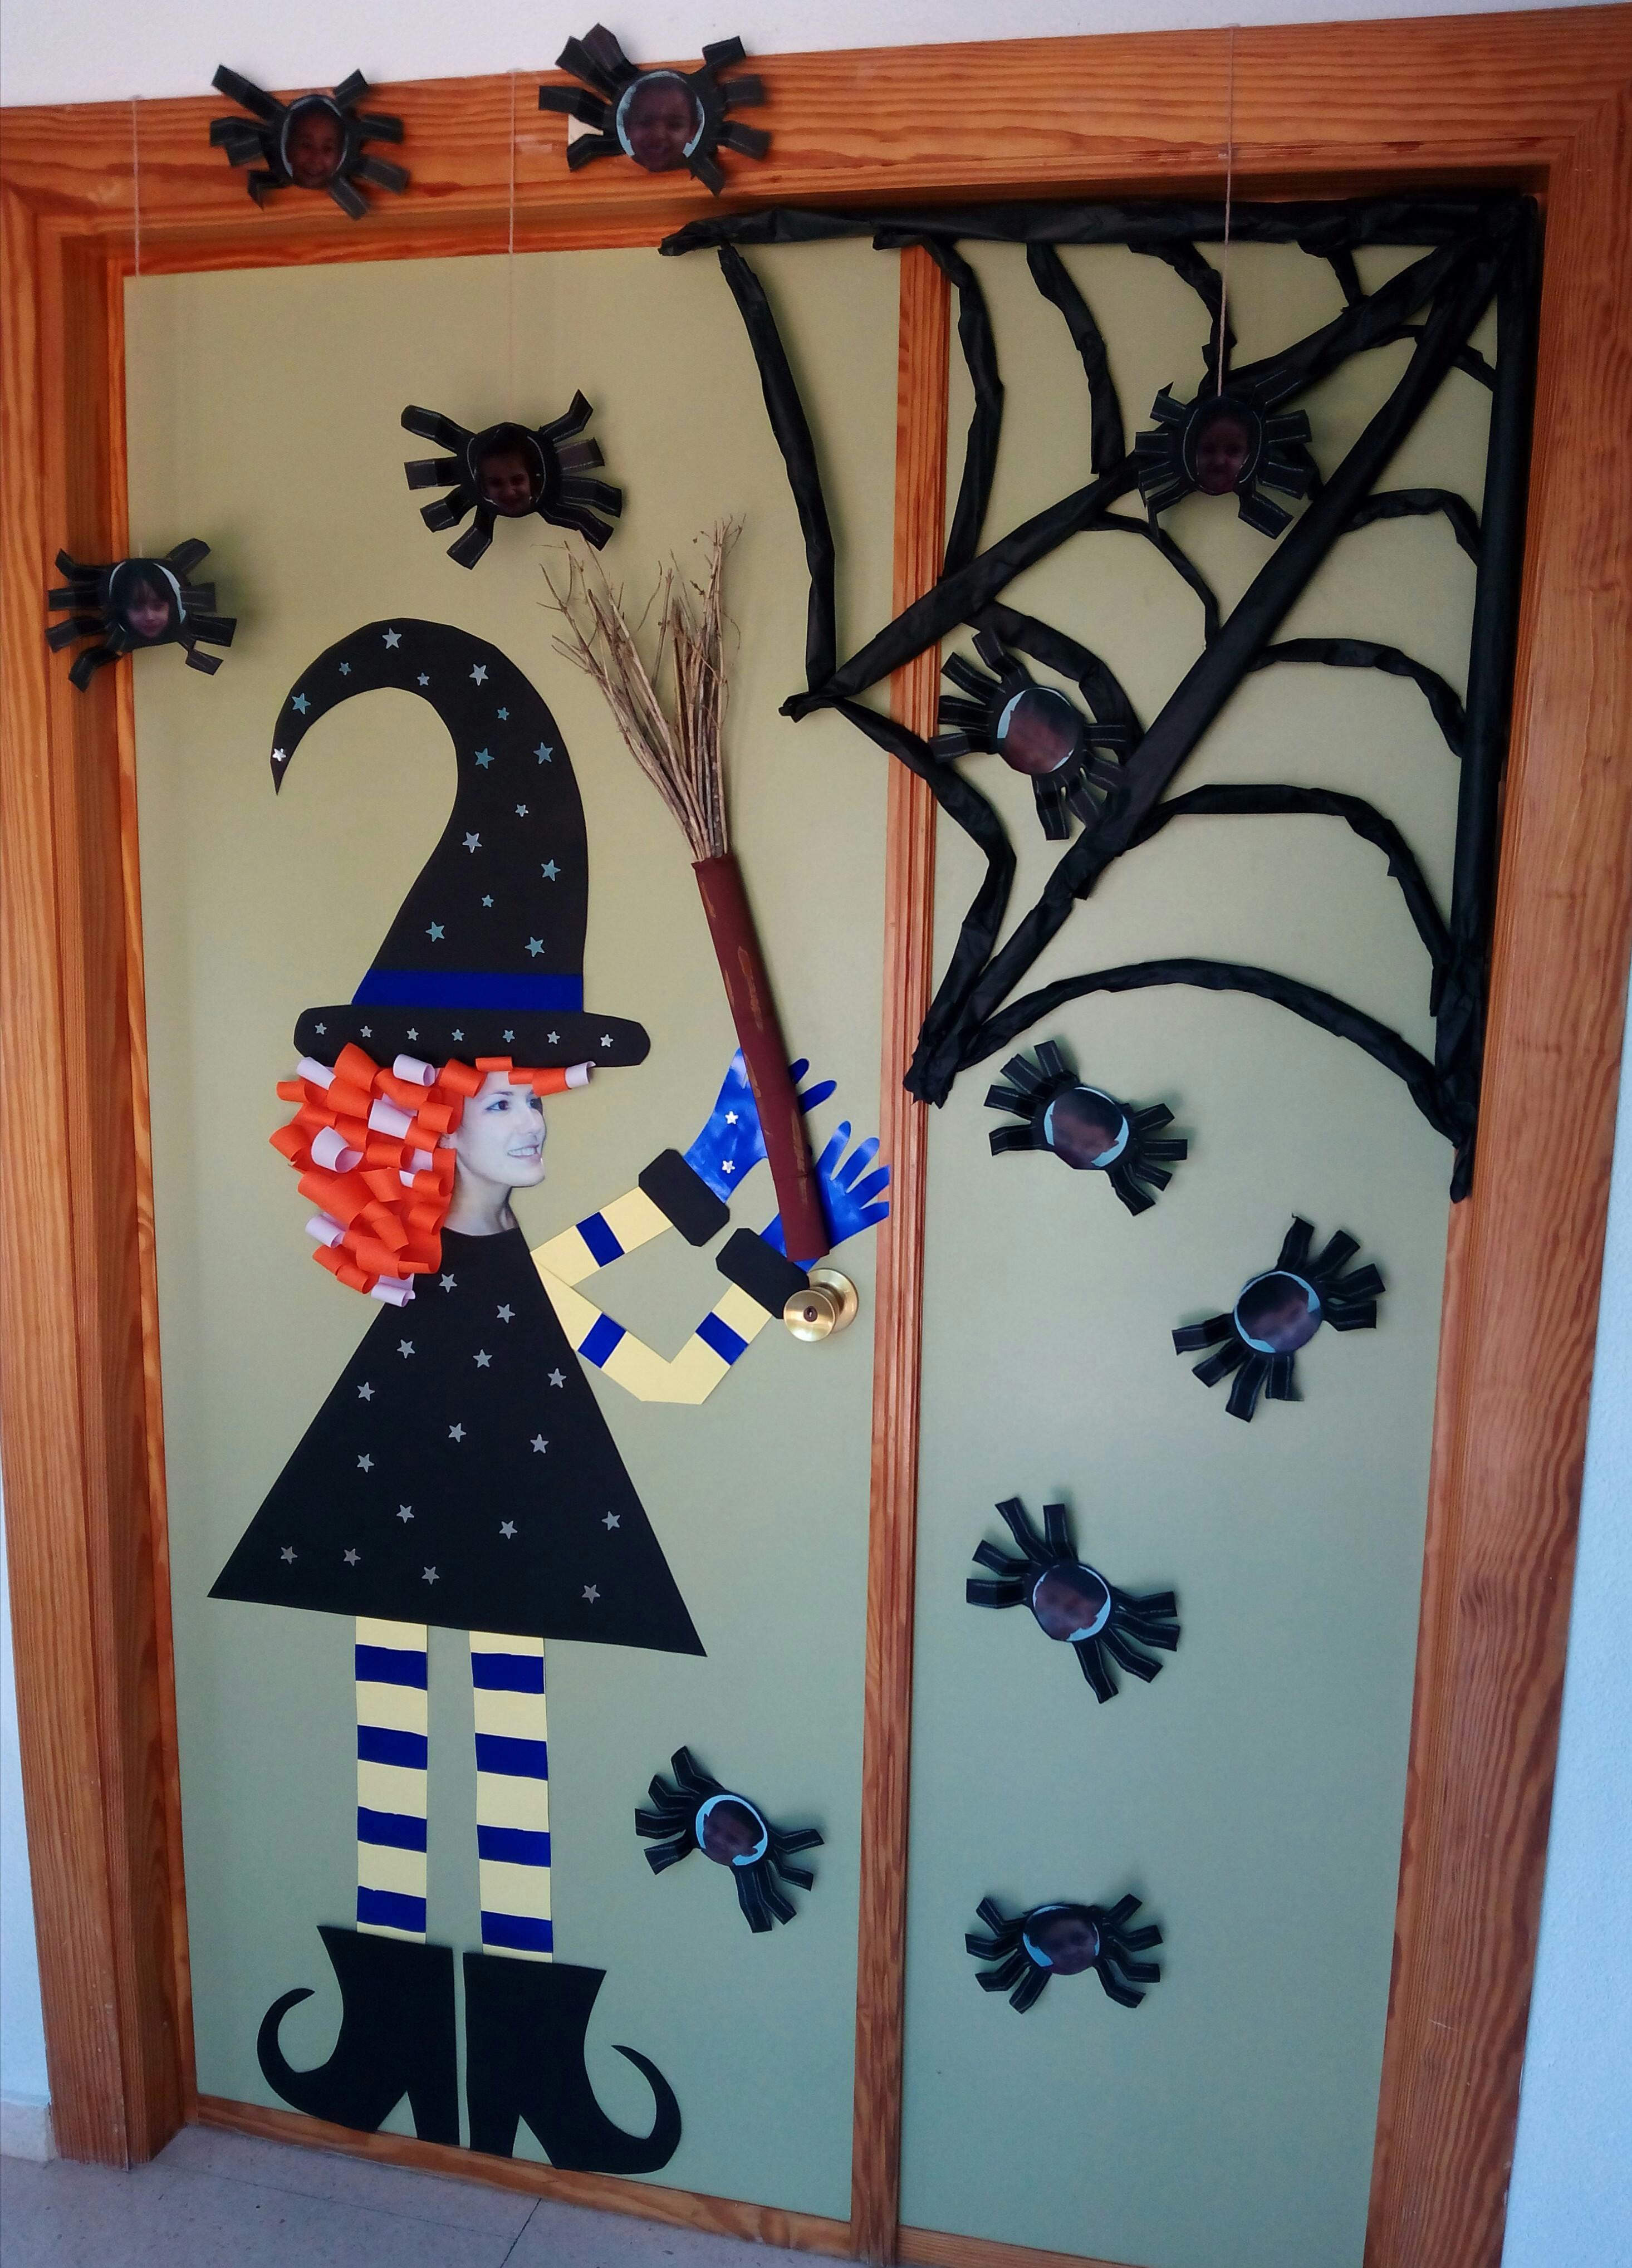 Puertas decoradas el mundo de trixi for Puertas decoradas halloween calabaza